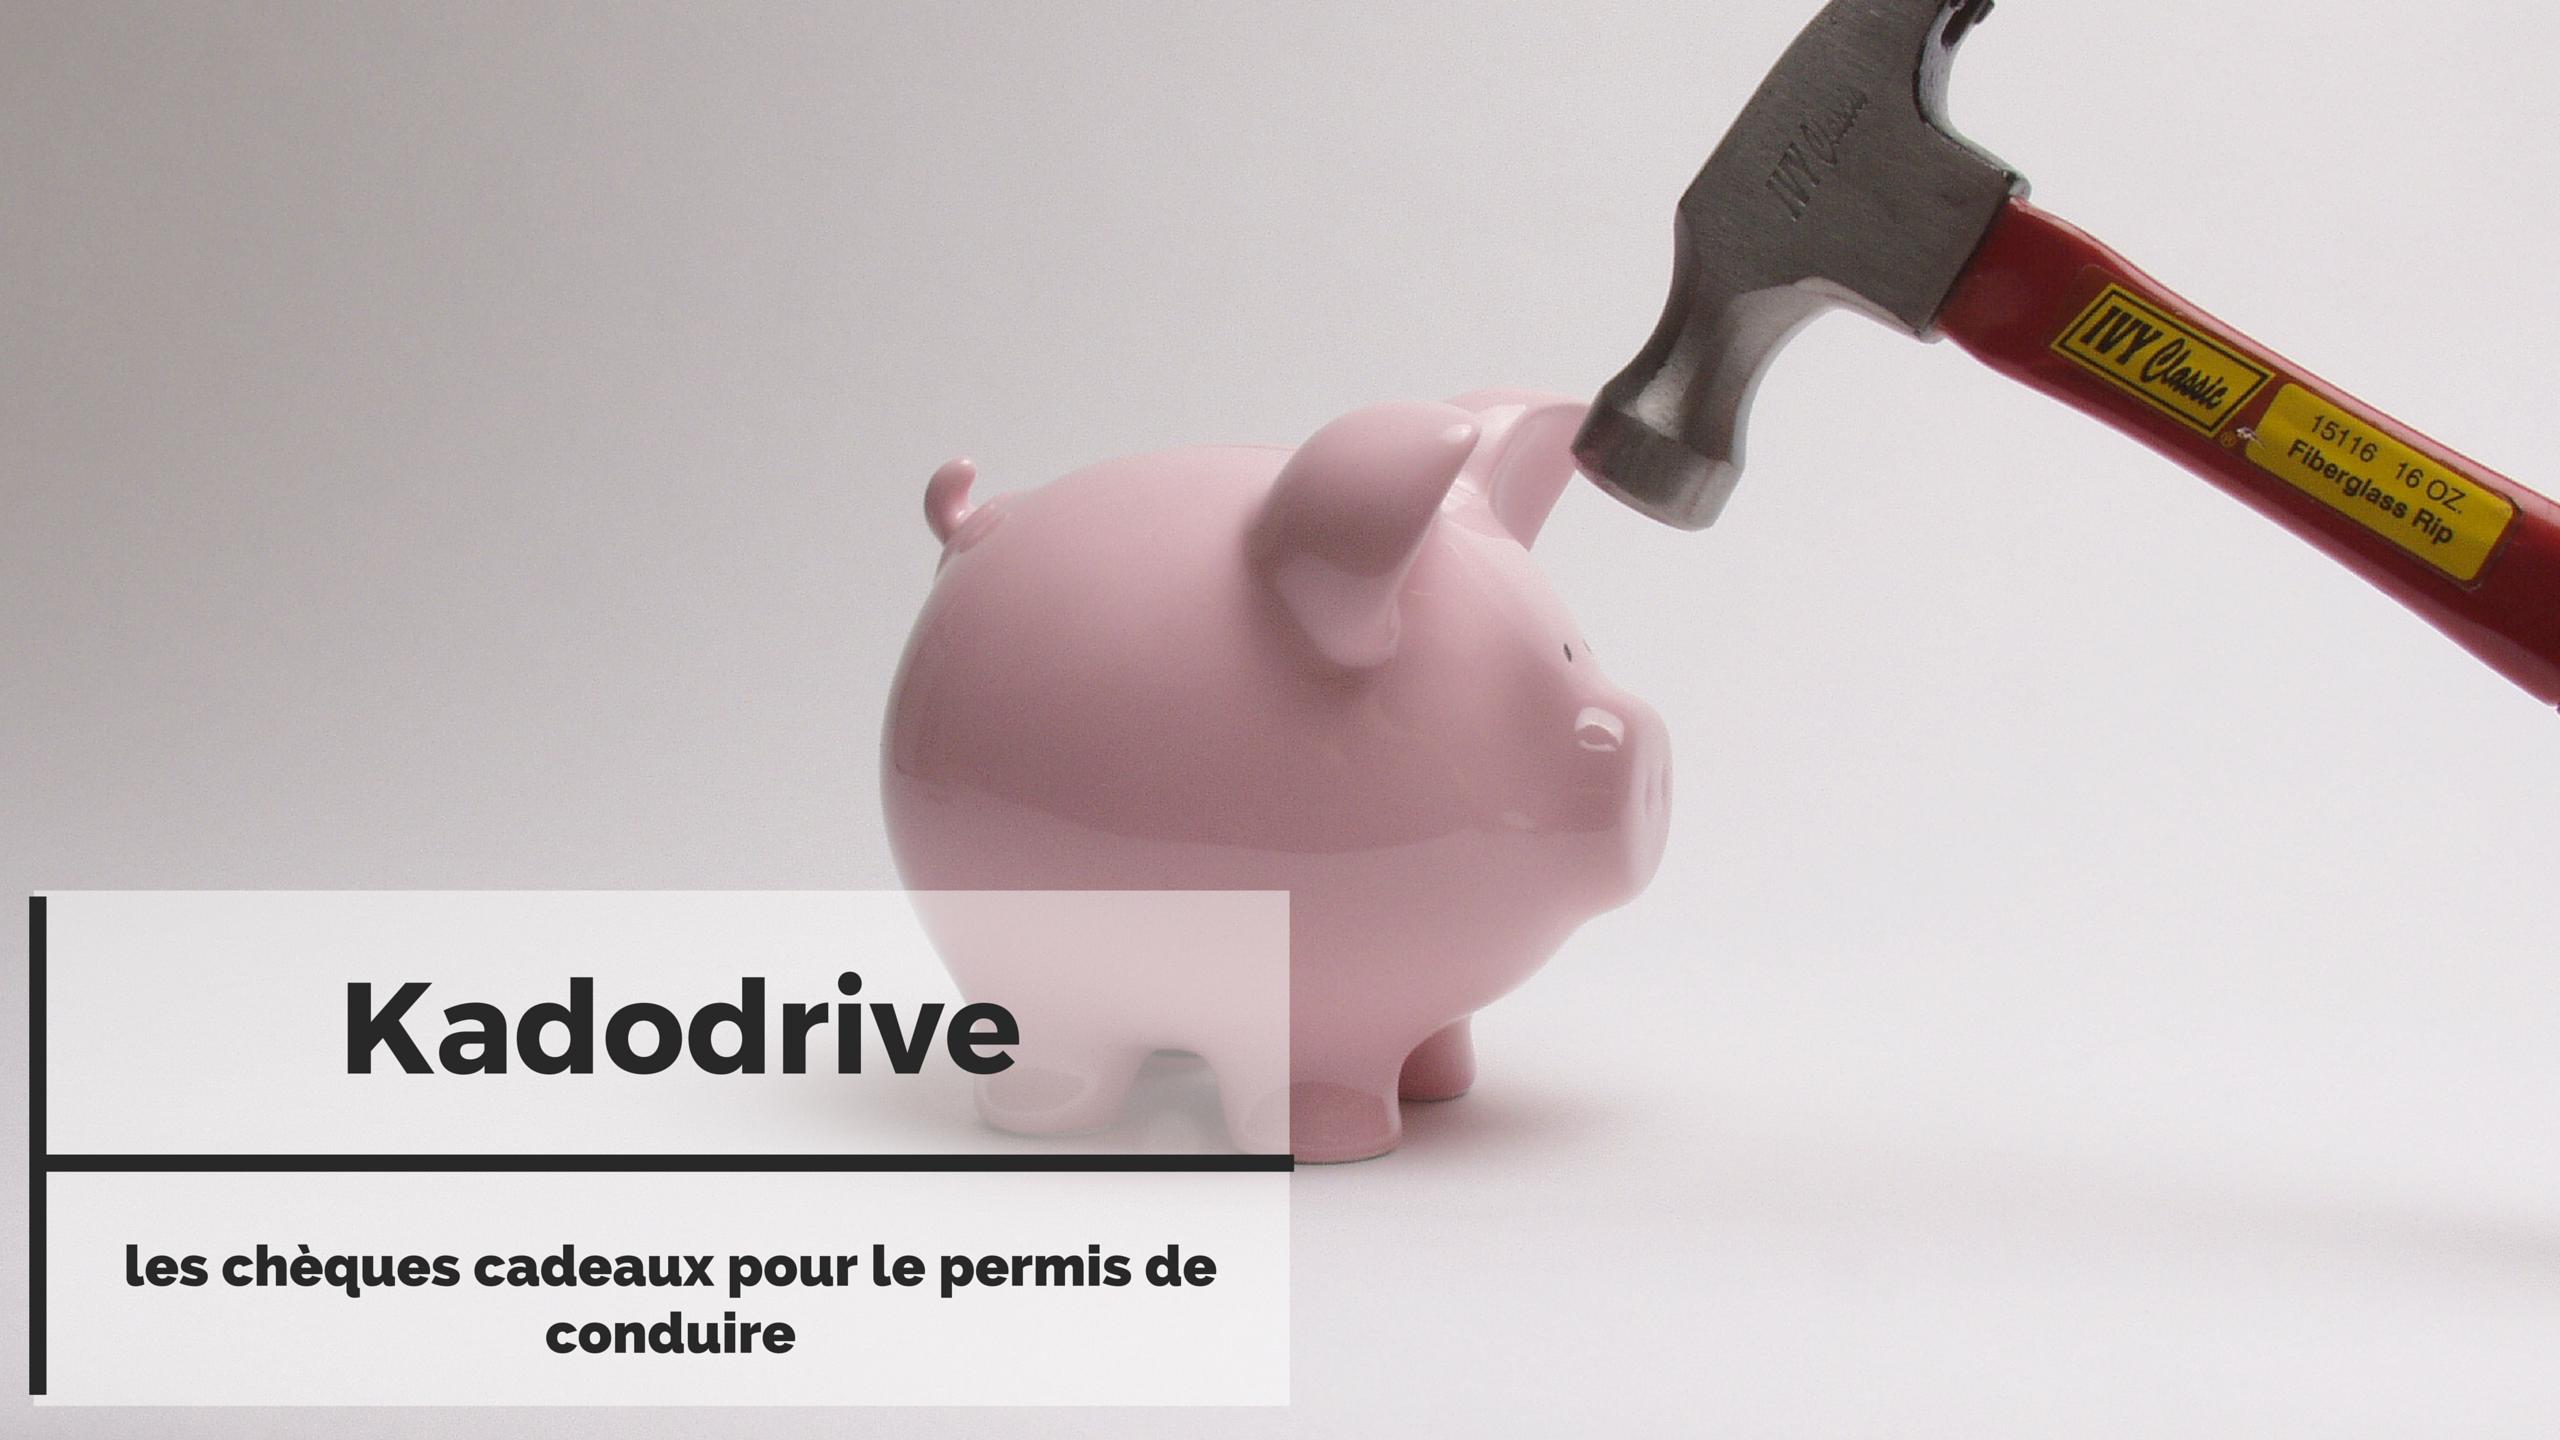 Kadodrive, les chèques cadeaux pour le permis de conduire